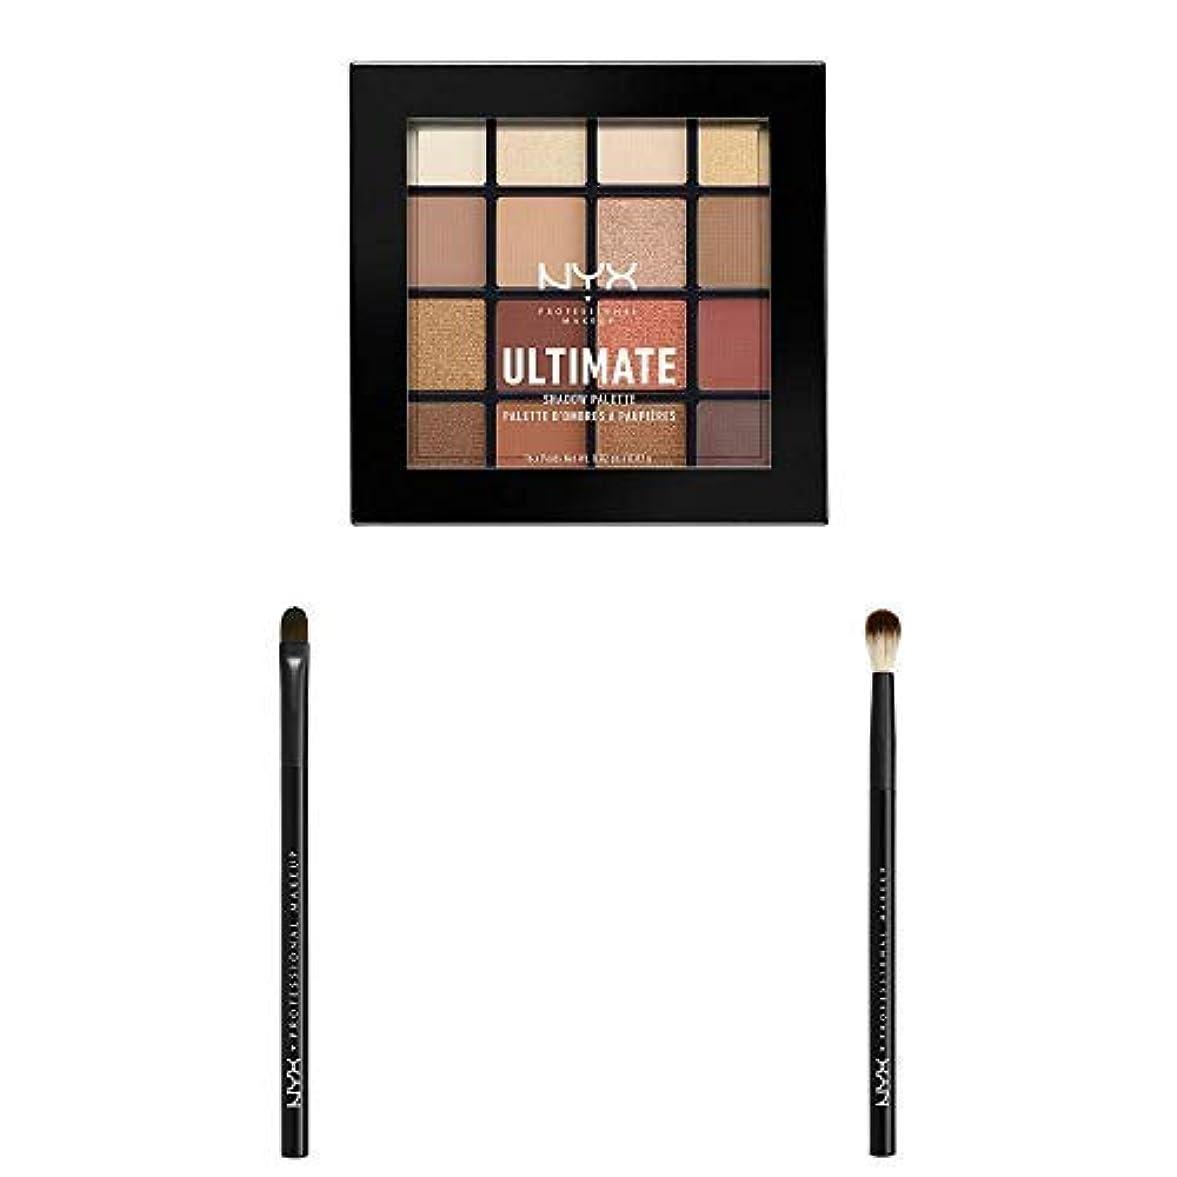 議会花嫁トレーニングNYX Professional Makeup UT シャドウパレット03 ウォーム ニュートラル アイシャドウブラシ2本セット